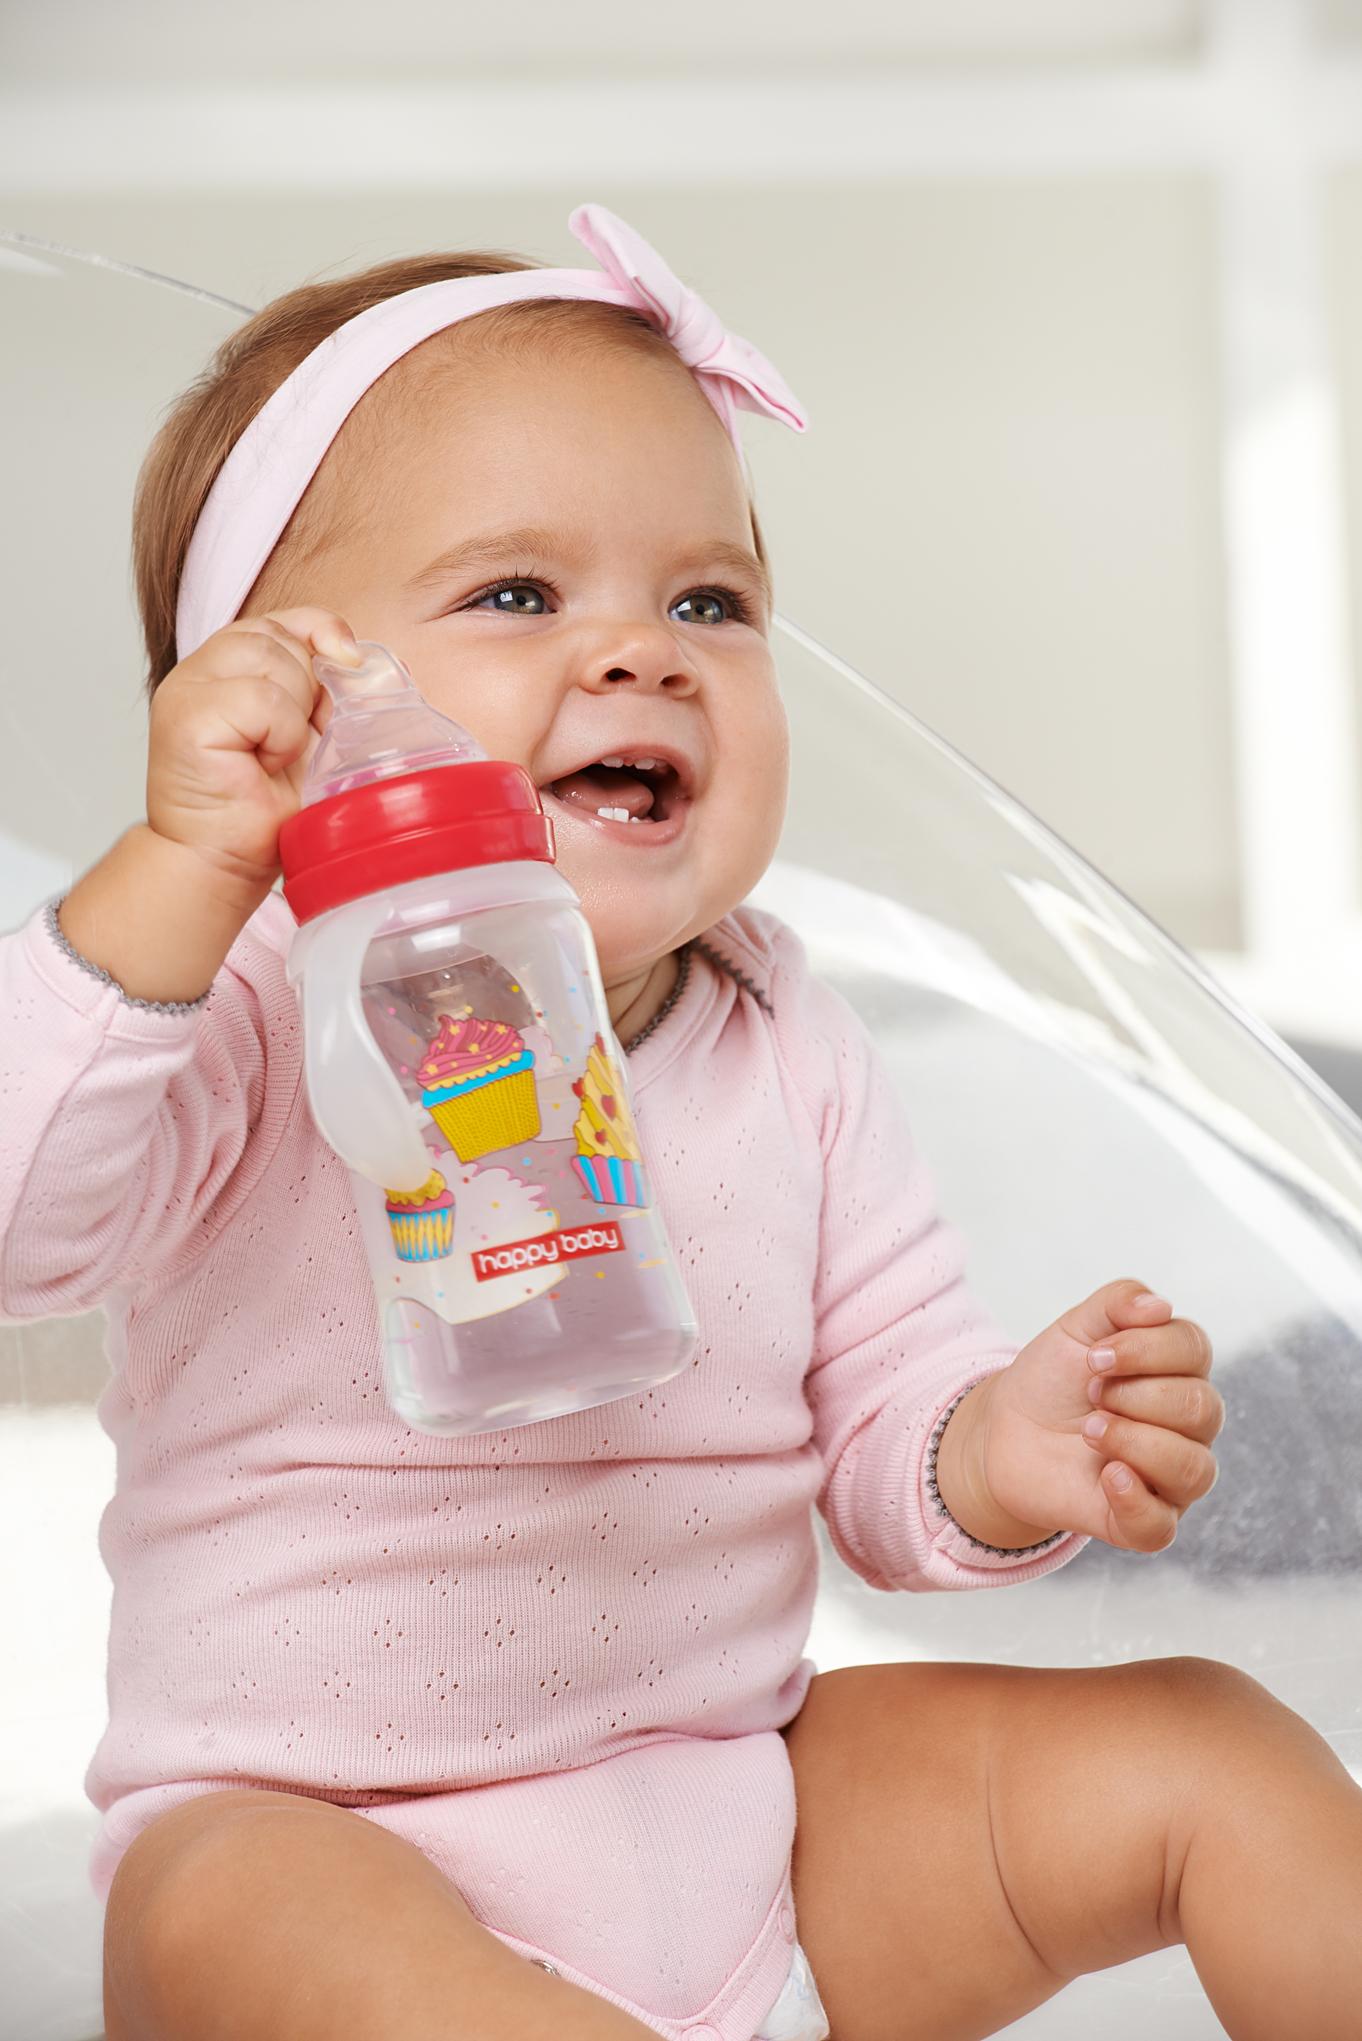 Сбор заказов. Товары для малышей Пома, Happy Baby, Бусинка, Maman, детская косметика AQA Baby, Sanosan, Gloffy. Огромный выбор! Постоплата 15%!